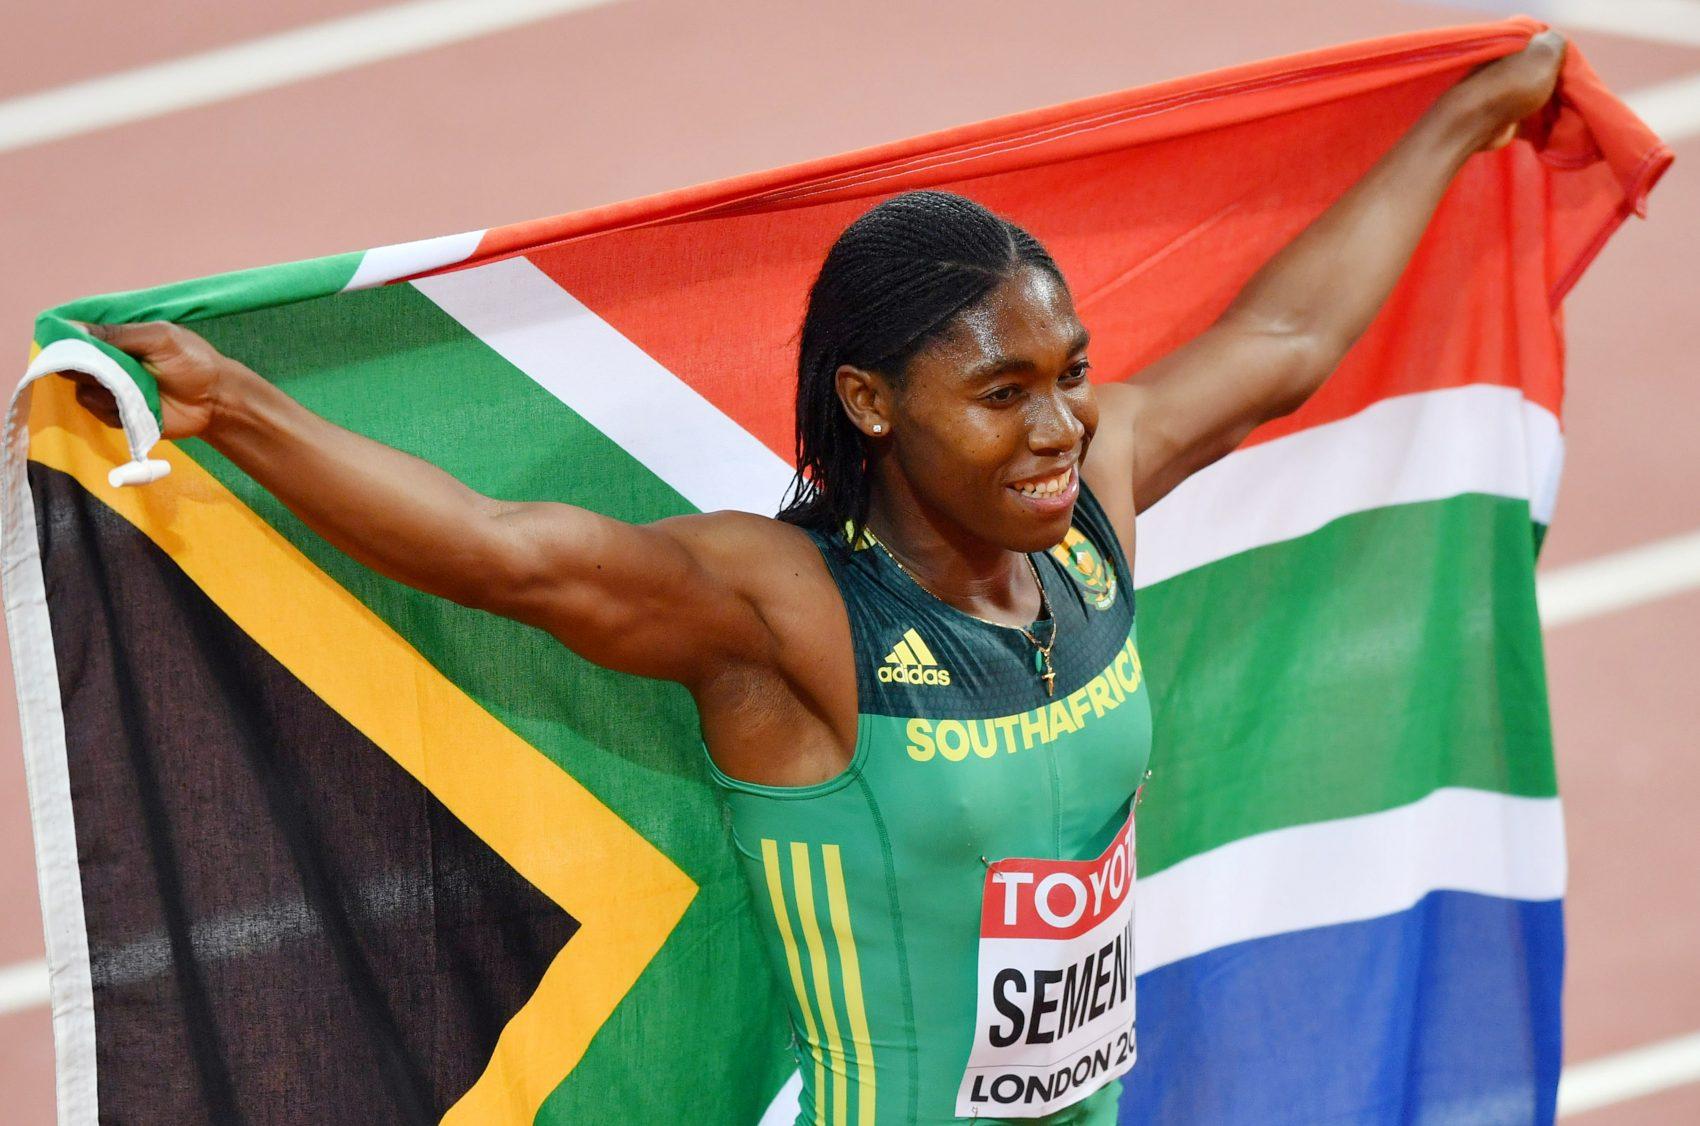 A corredora sul-africana Caster Semenya após sua vitória no Campeonato Mundial de Atletismo em 2017: entre os 100 mais influentes do mundo por sua luta contra a federação internacional para competir em provas femininas apesar dos níveis altos de testosterona (Foto: The Yomiuri Shimbun )